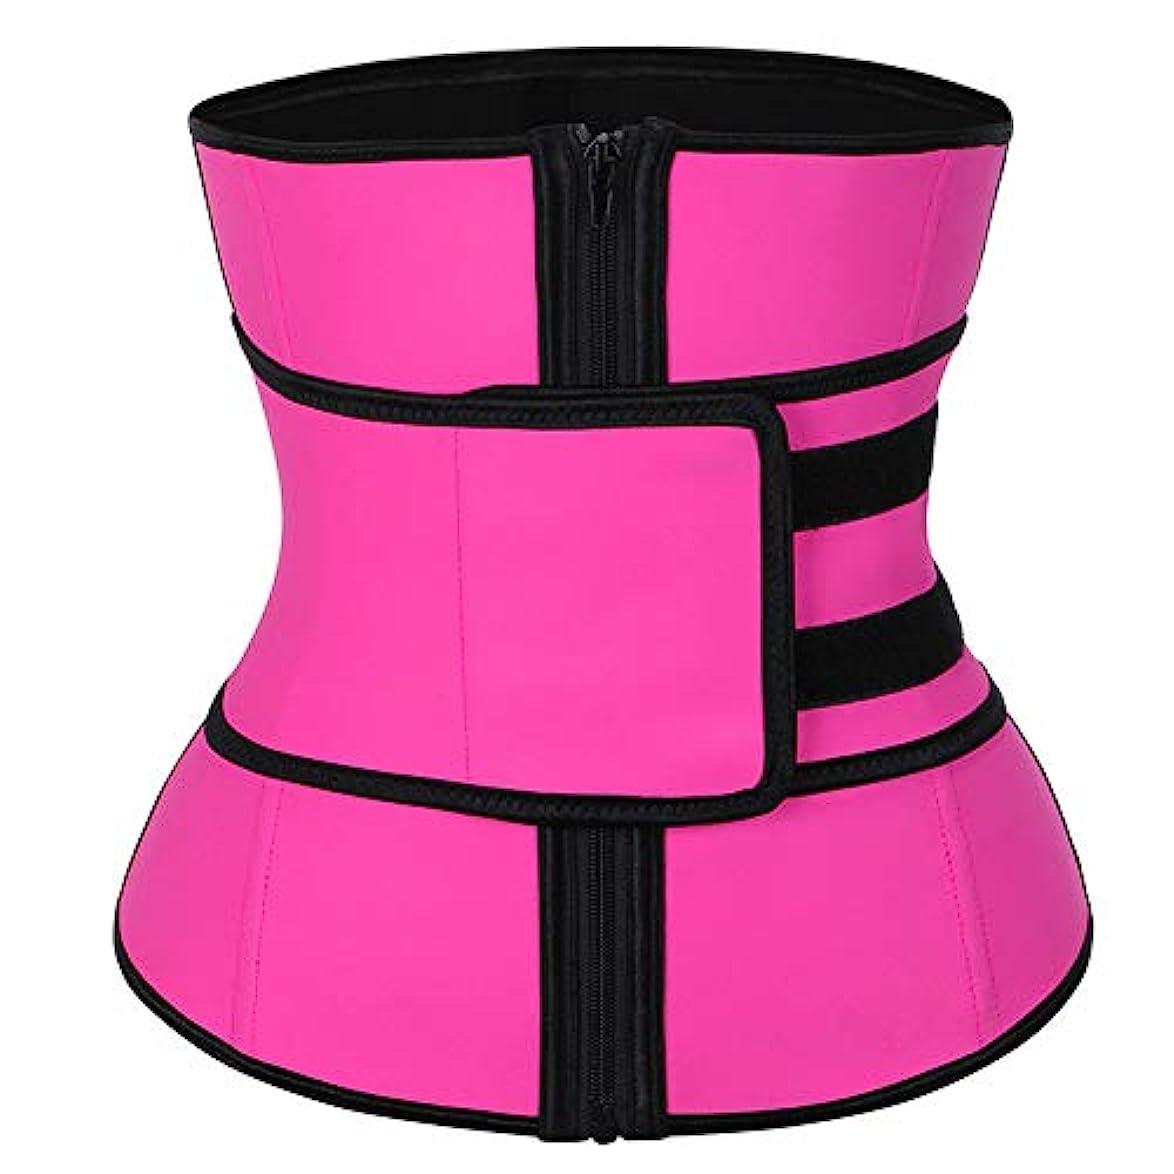 ディスク尾前提条件女性のウエストトレーニングコルセットコルセットネオプレン付きジッパーウエストスリムベルトラテックスラテックス通気性ウエストボディシェイプ,Pink,XL